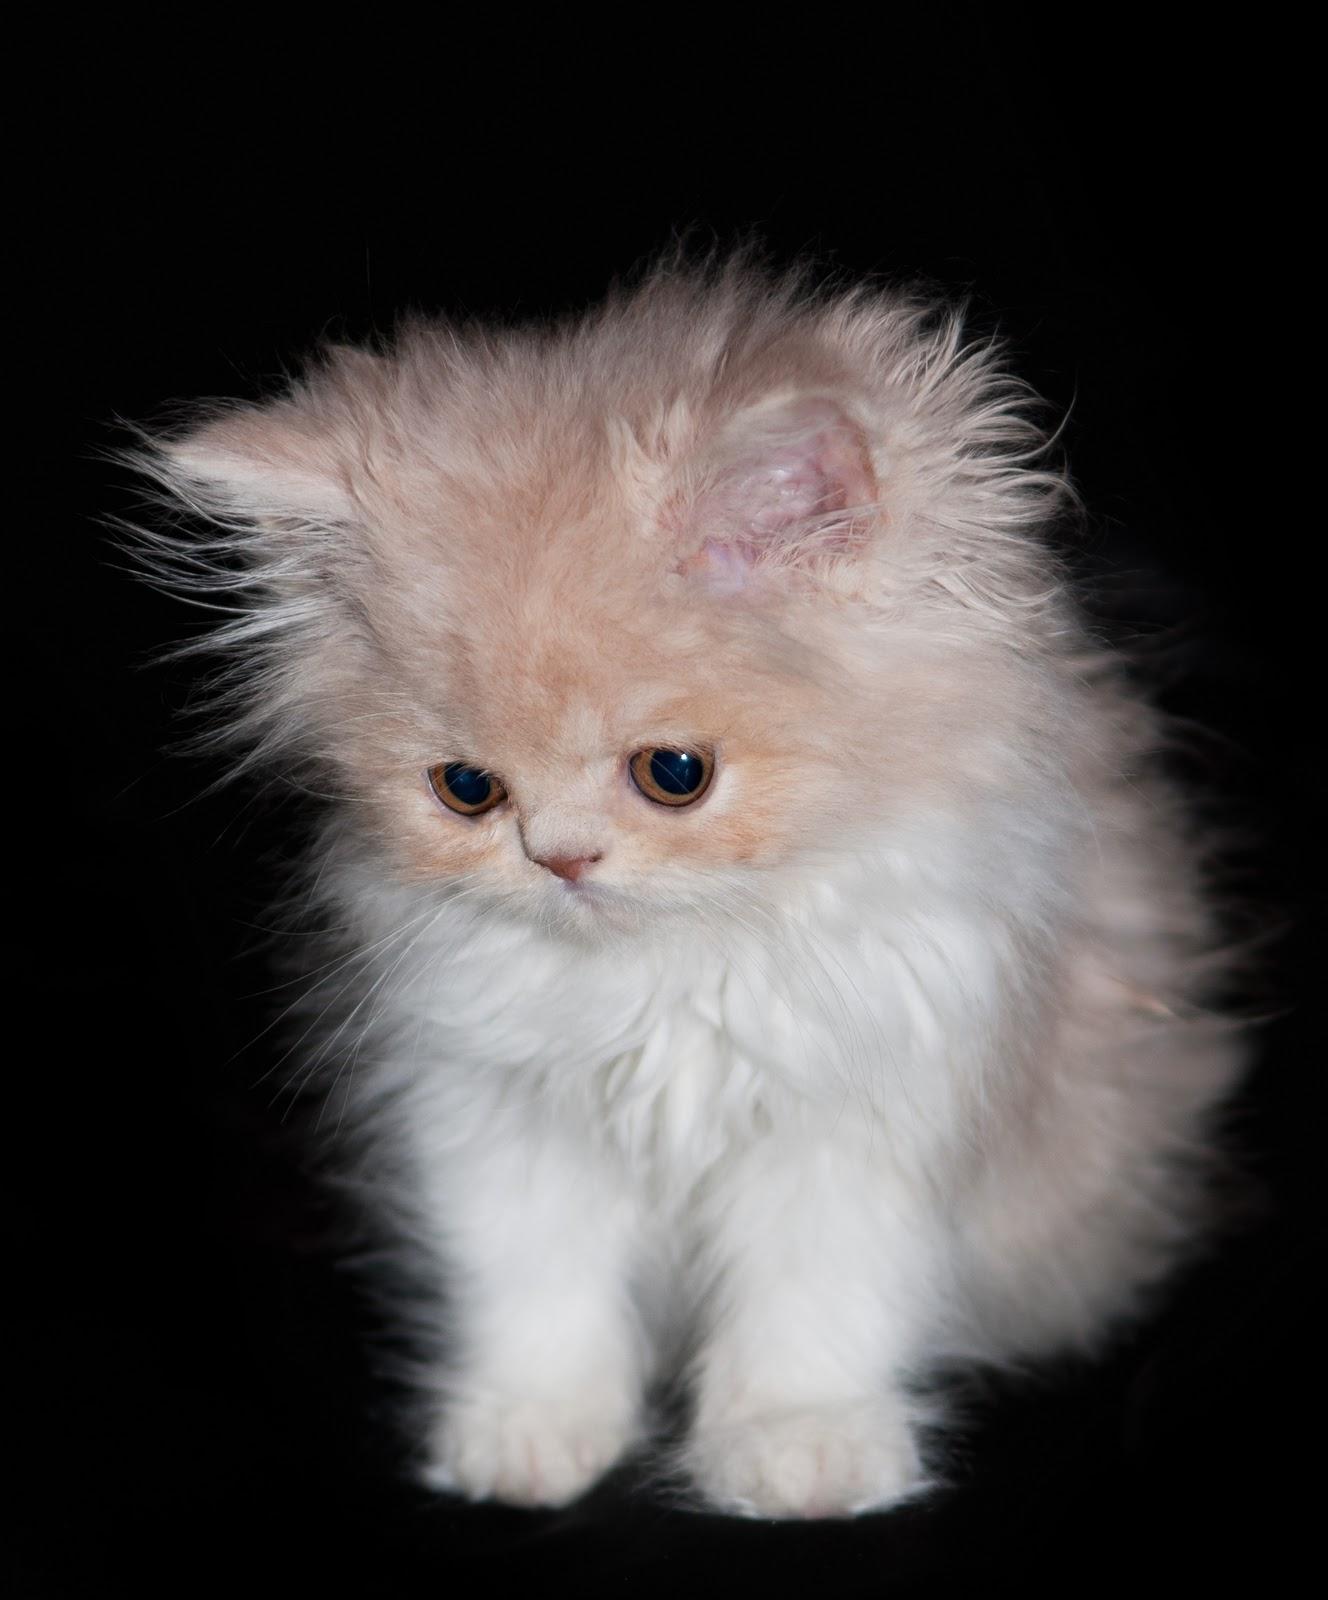 Anak Kucing Comel Tedi Pun Comel Jugak